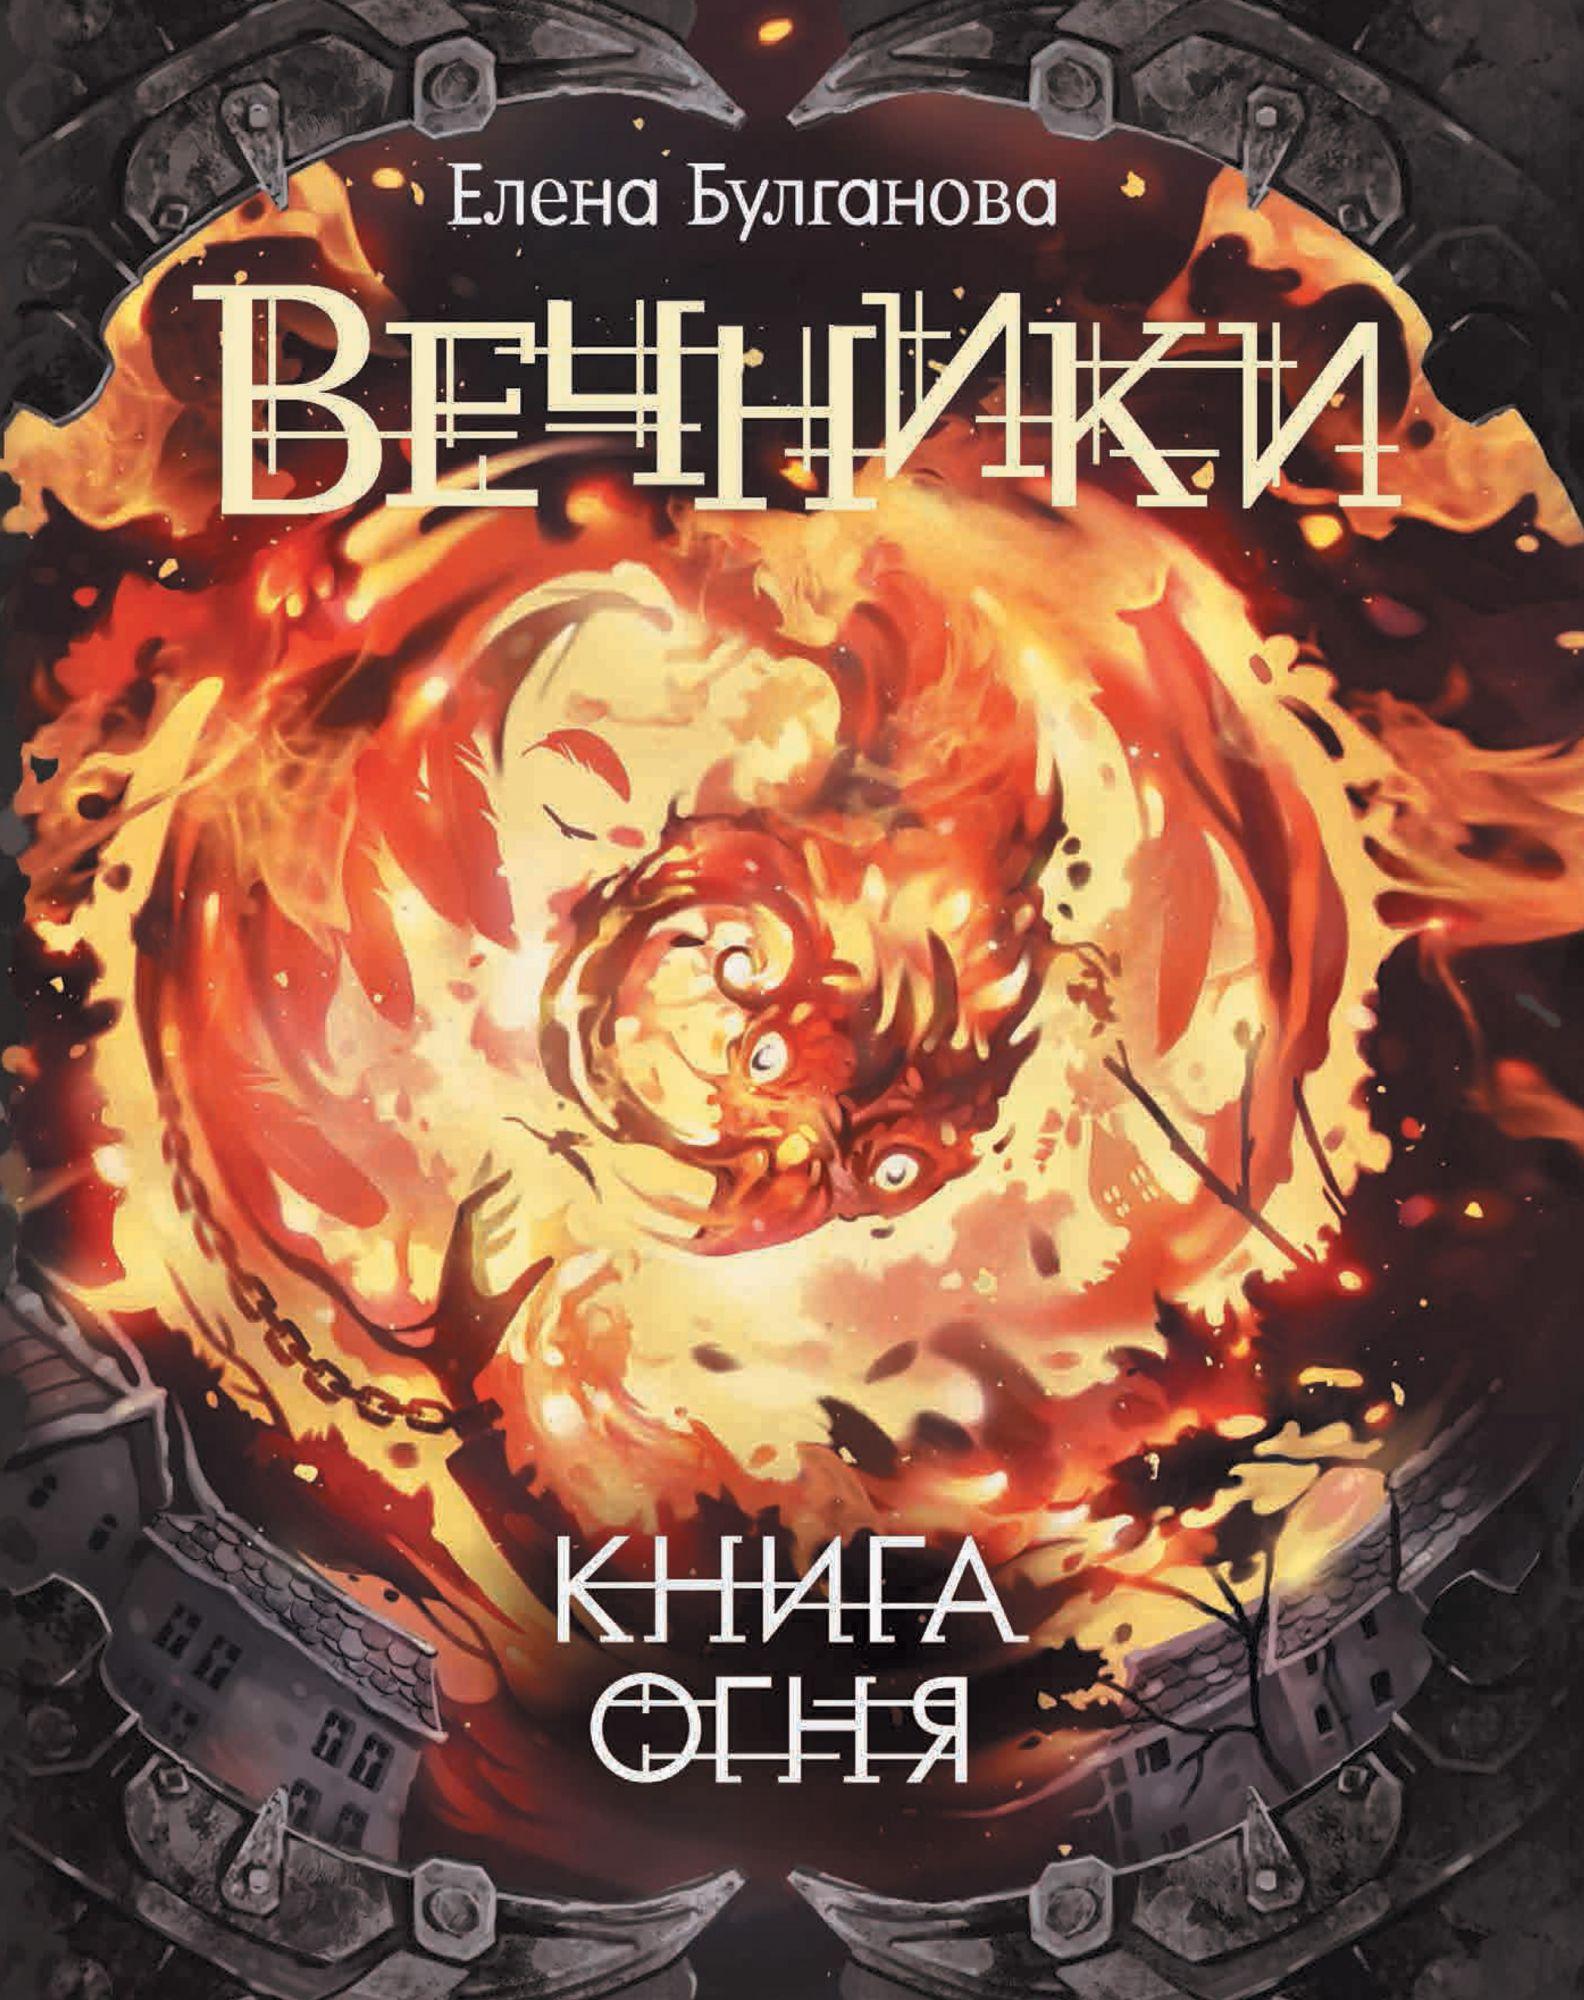 Елена Булганова – серия книг Вечники – скачать по порядку ...